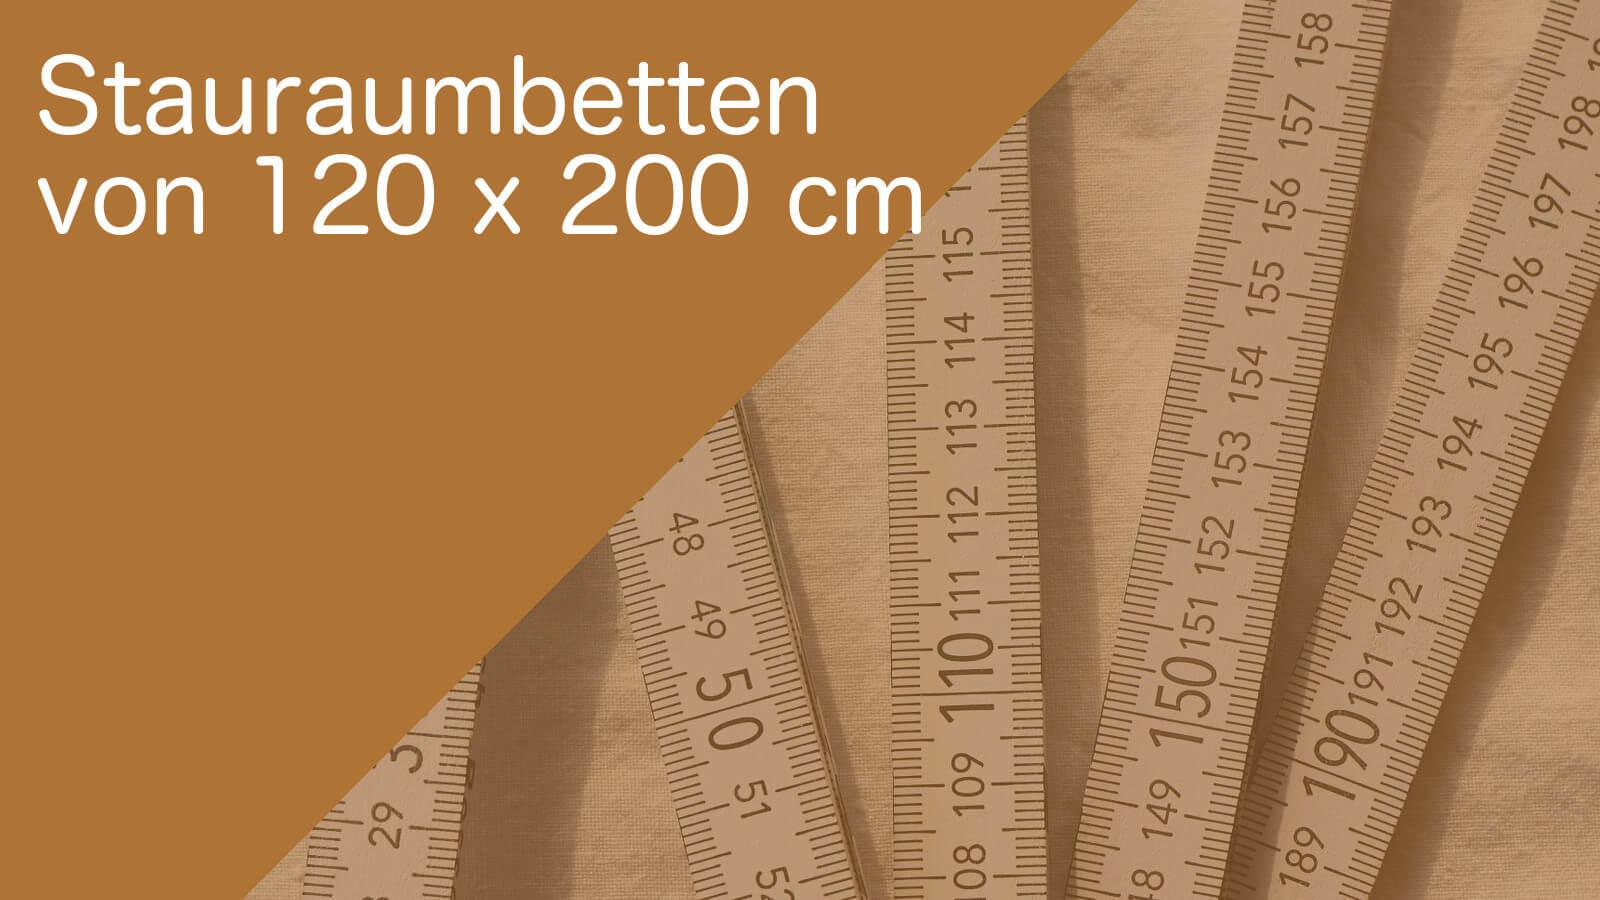 staurambetten_120x200